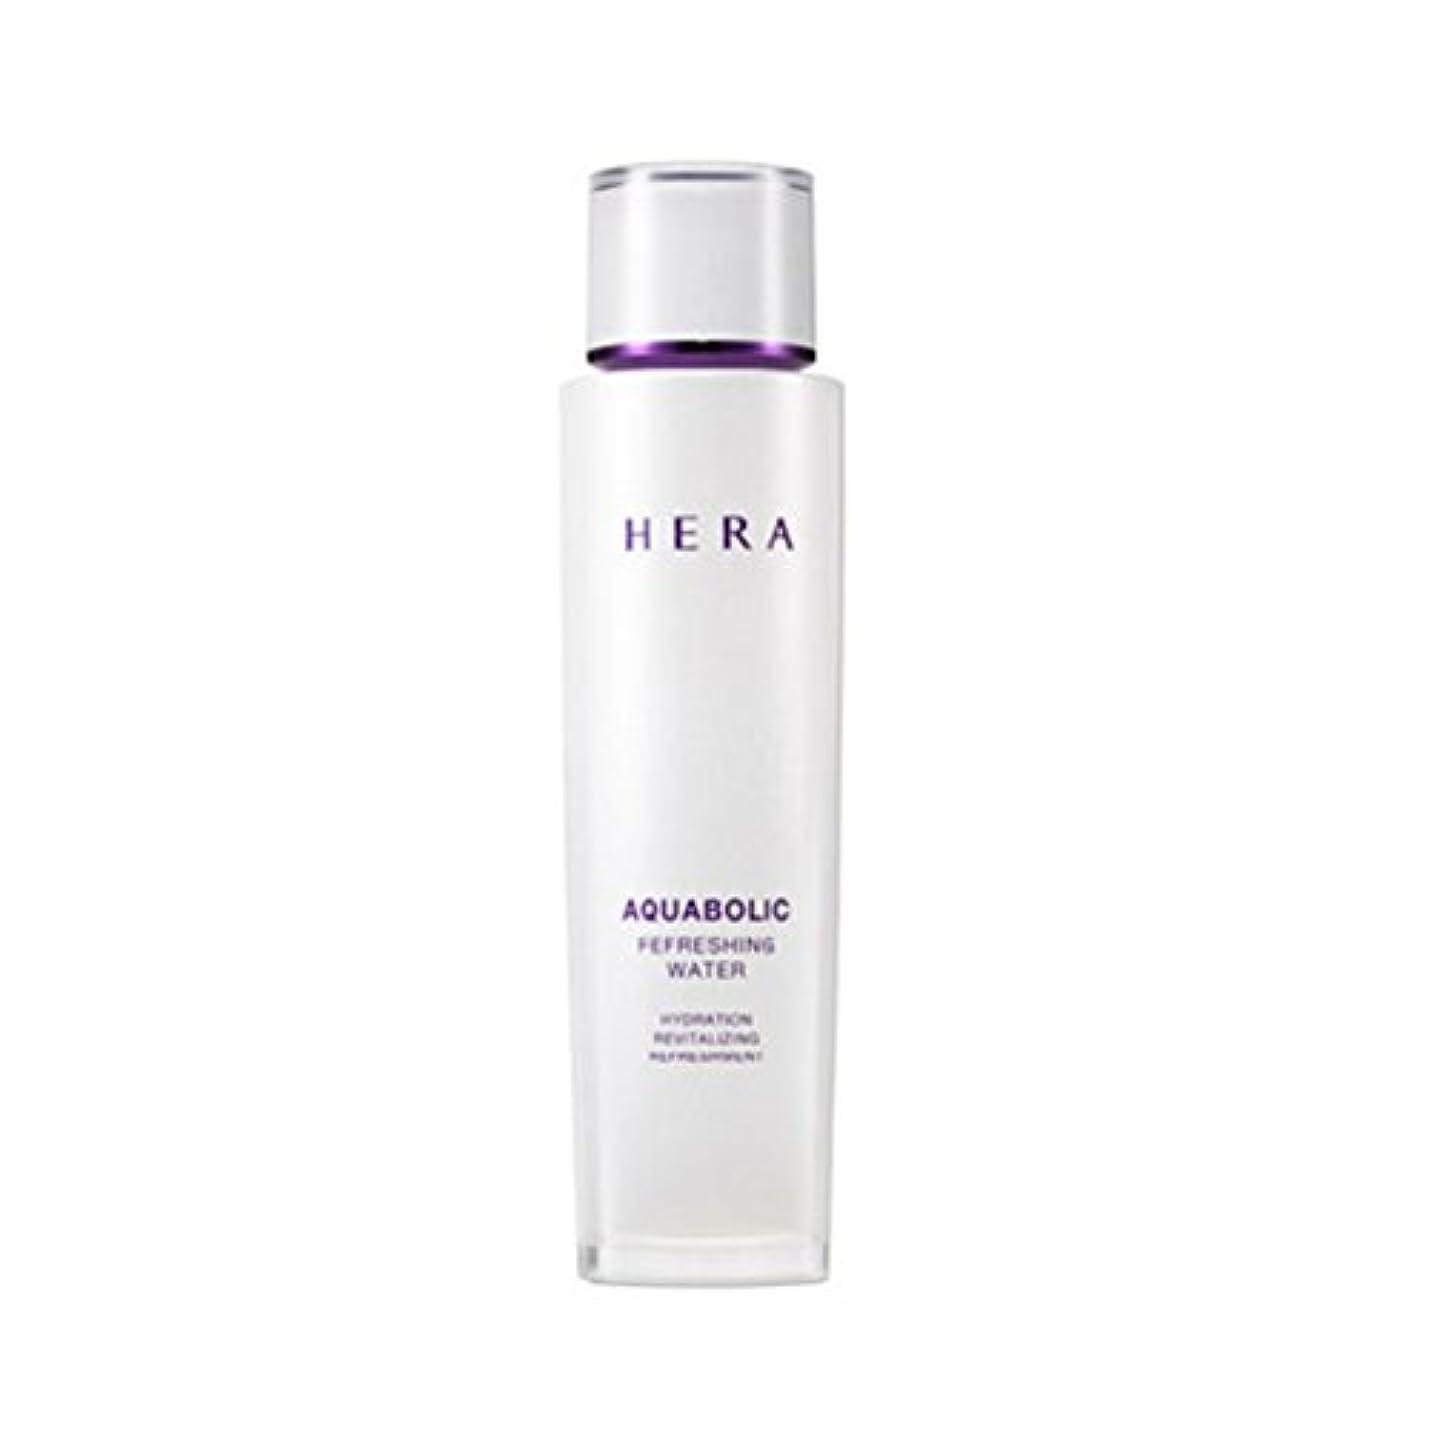 戻る植木研磨剤(ヘラ) HERA アクアボリック リフレッシングウォーター (化粧水) 150ml / Aquabolic Refreshing Water 150ml (韓国直発送)